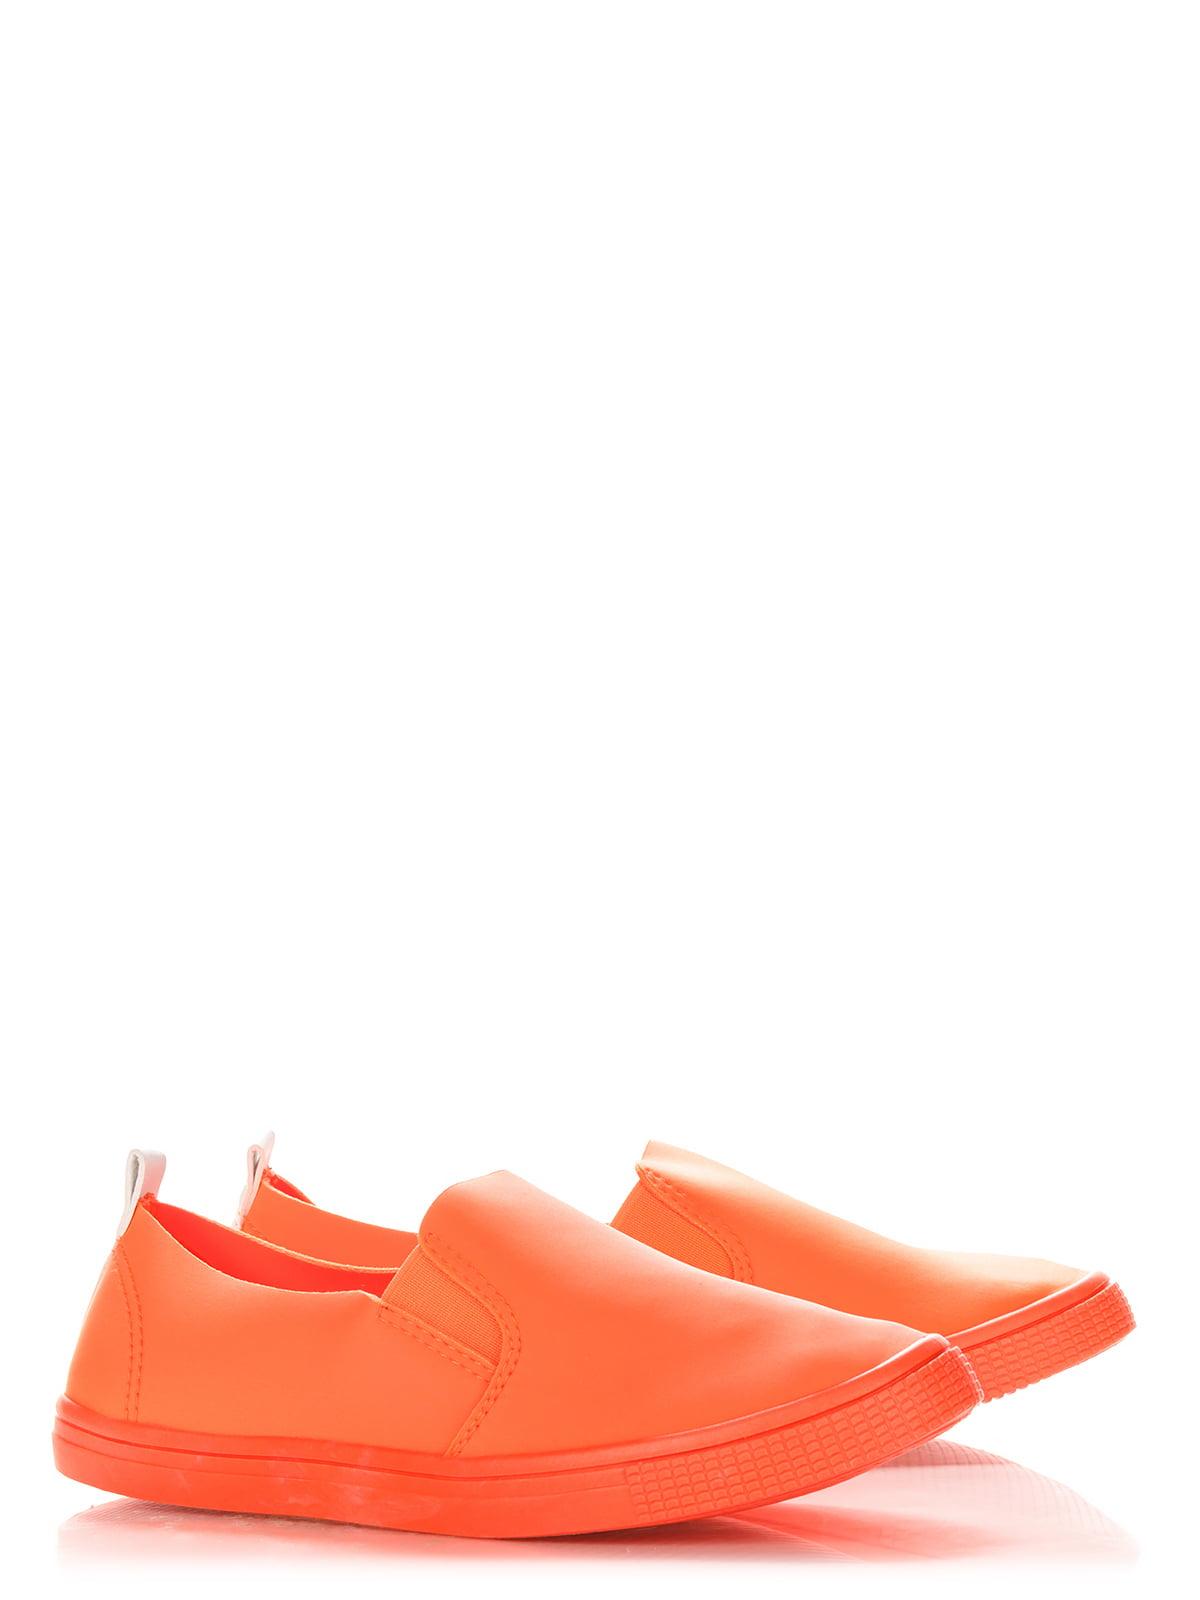 Слипоны оранжевые | 2743406